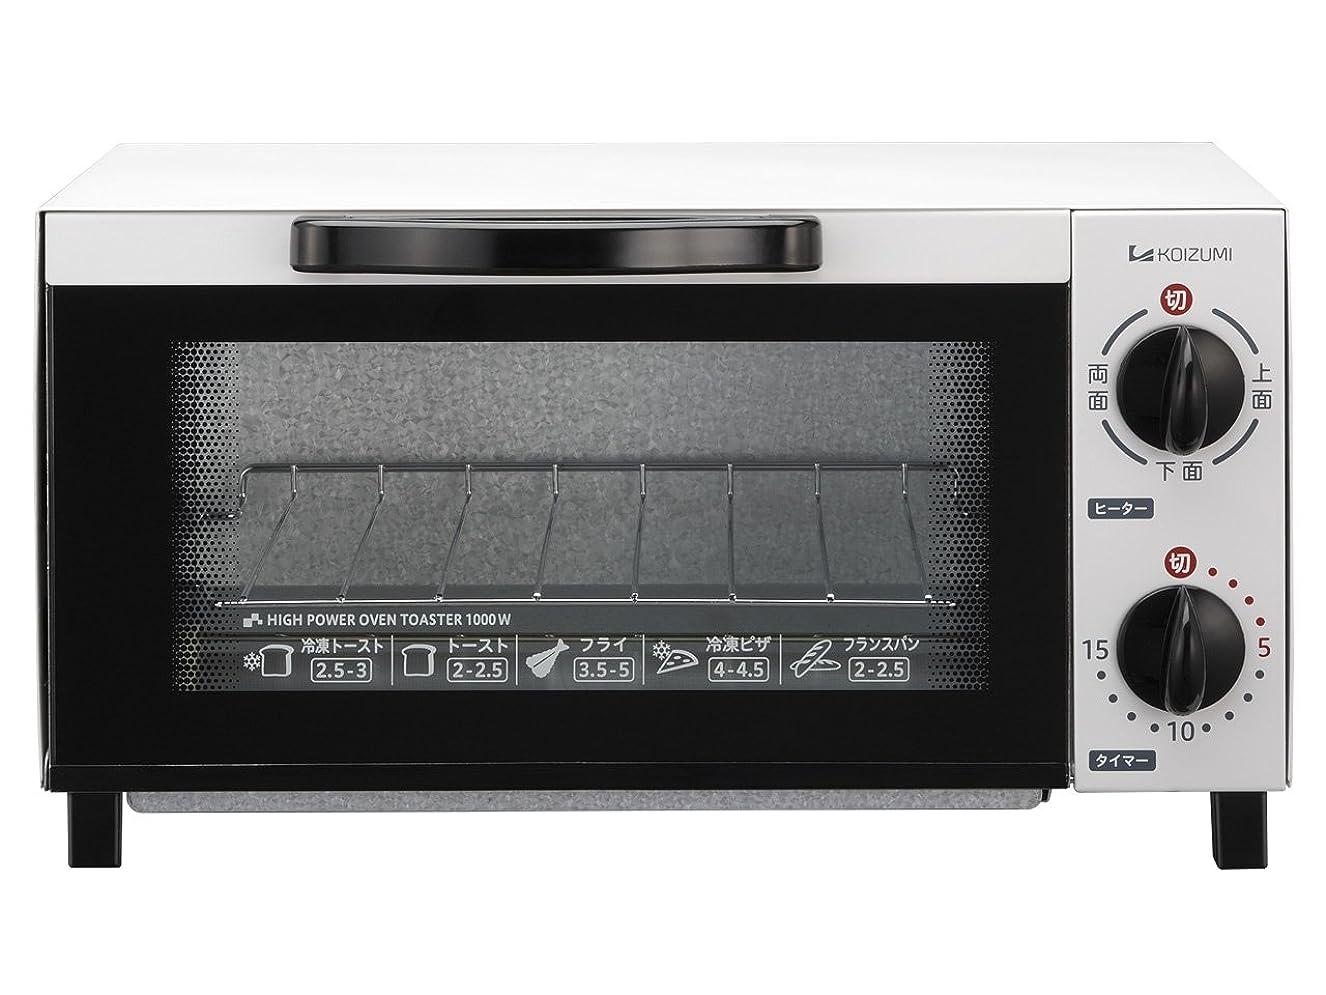 商業の静けさ白内障コイズミ オーブントースター ホワイト KOS-1012/W